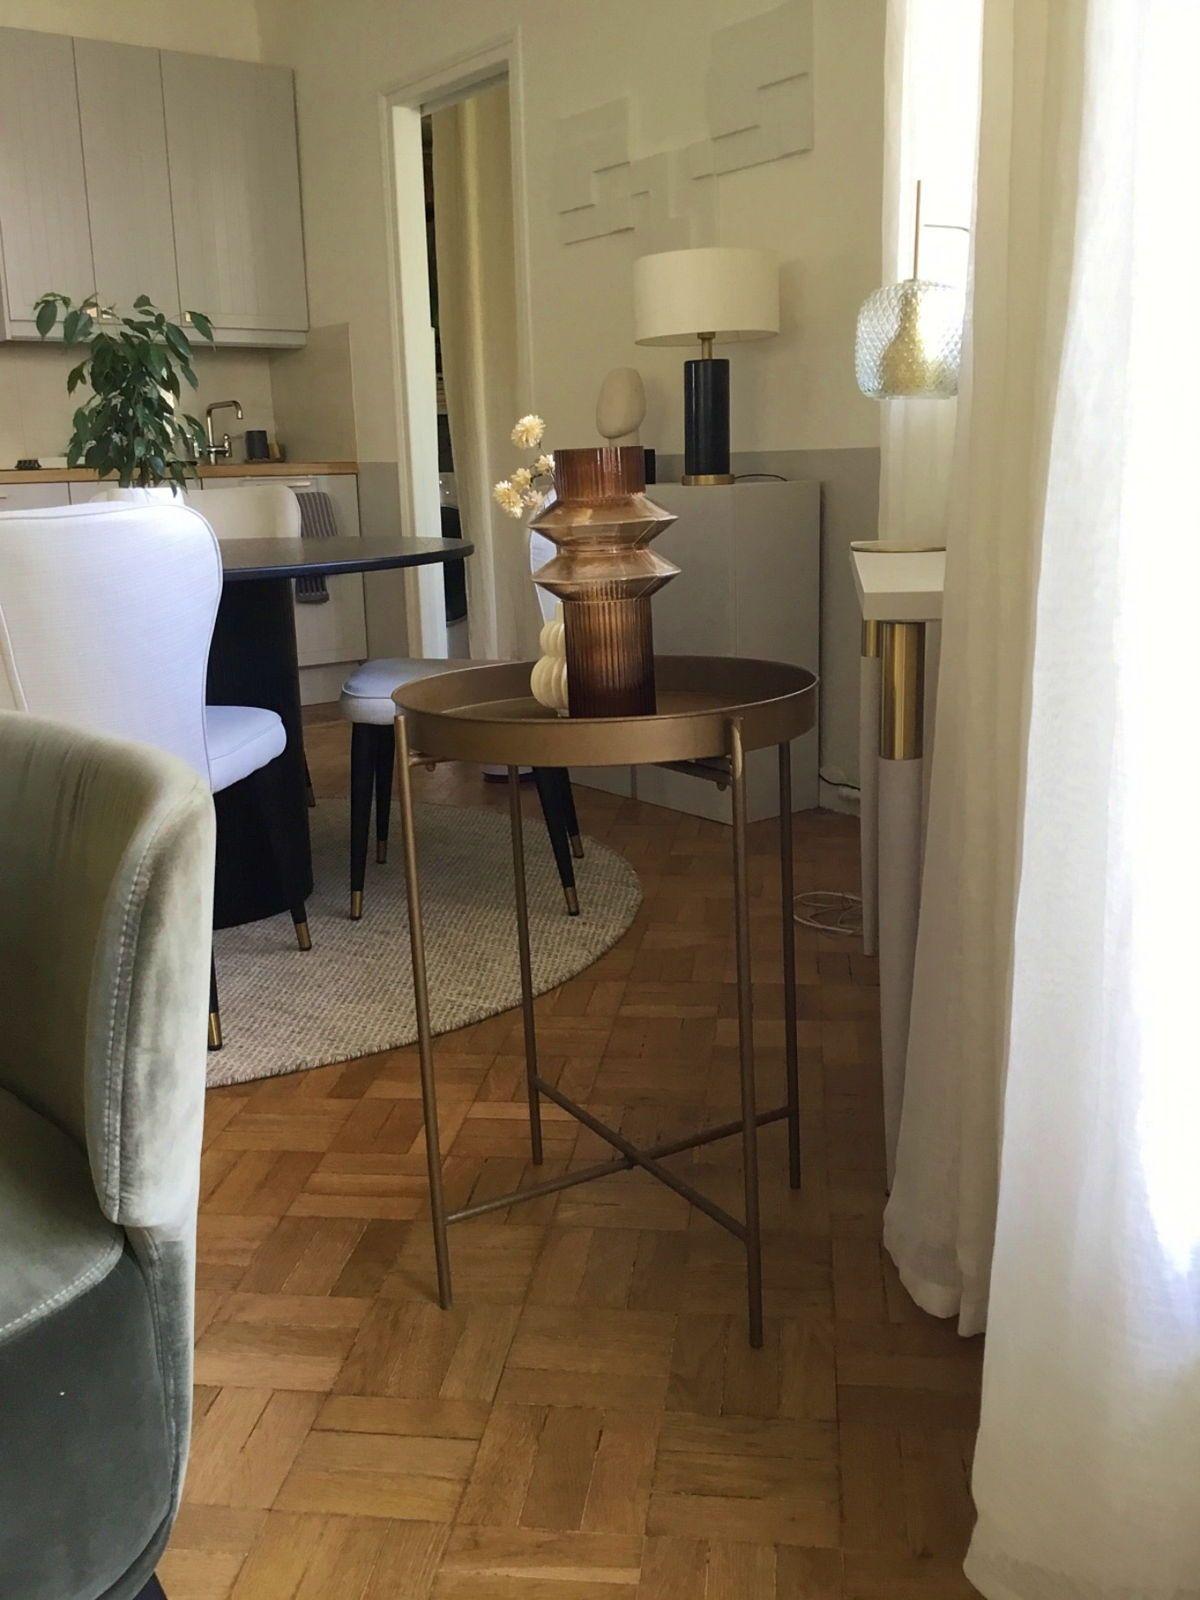 Vends table d'appoint en métal couleur laiton vieilli